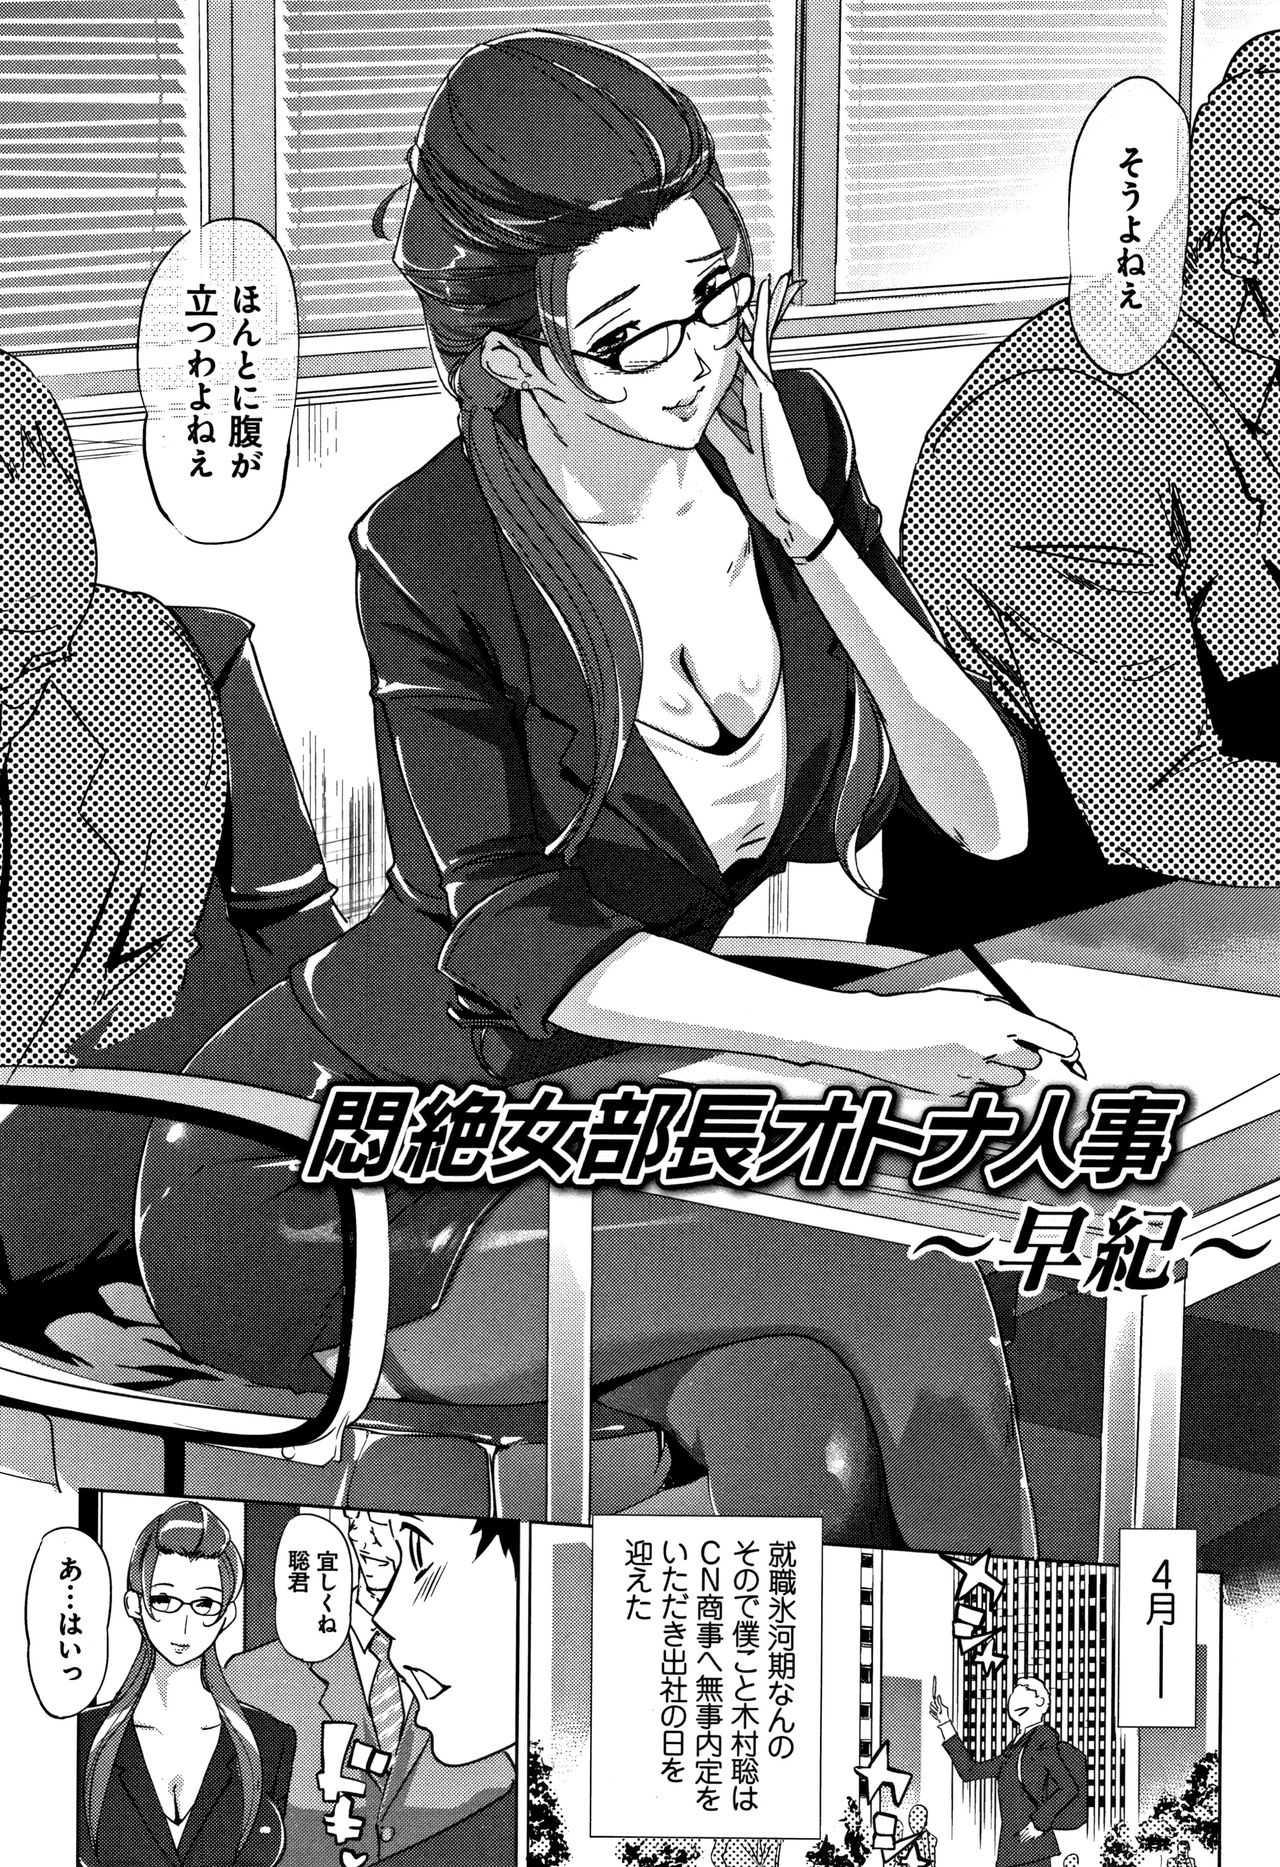 【エロ漫画】ヤリ手キャリアウーマンがライジングクールビズでボディスト姿で社内セックスし社員達と電車内複数プレイ!